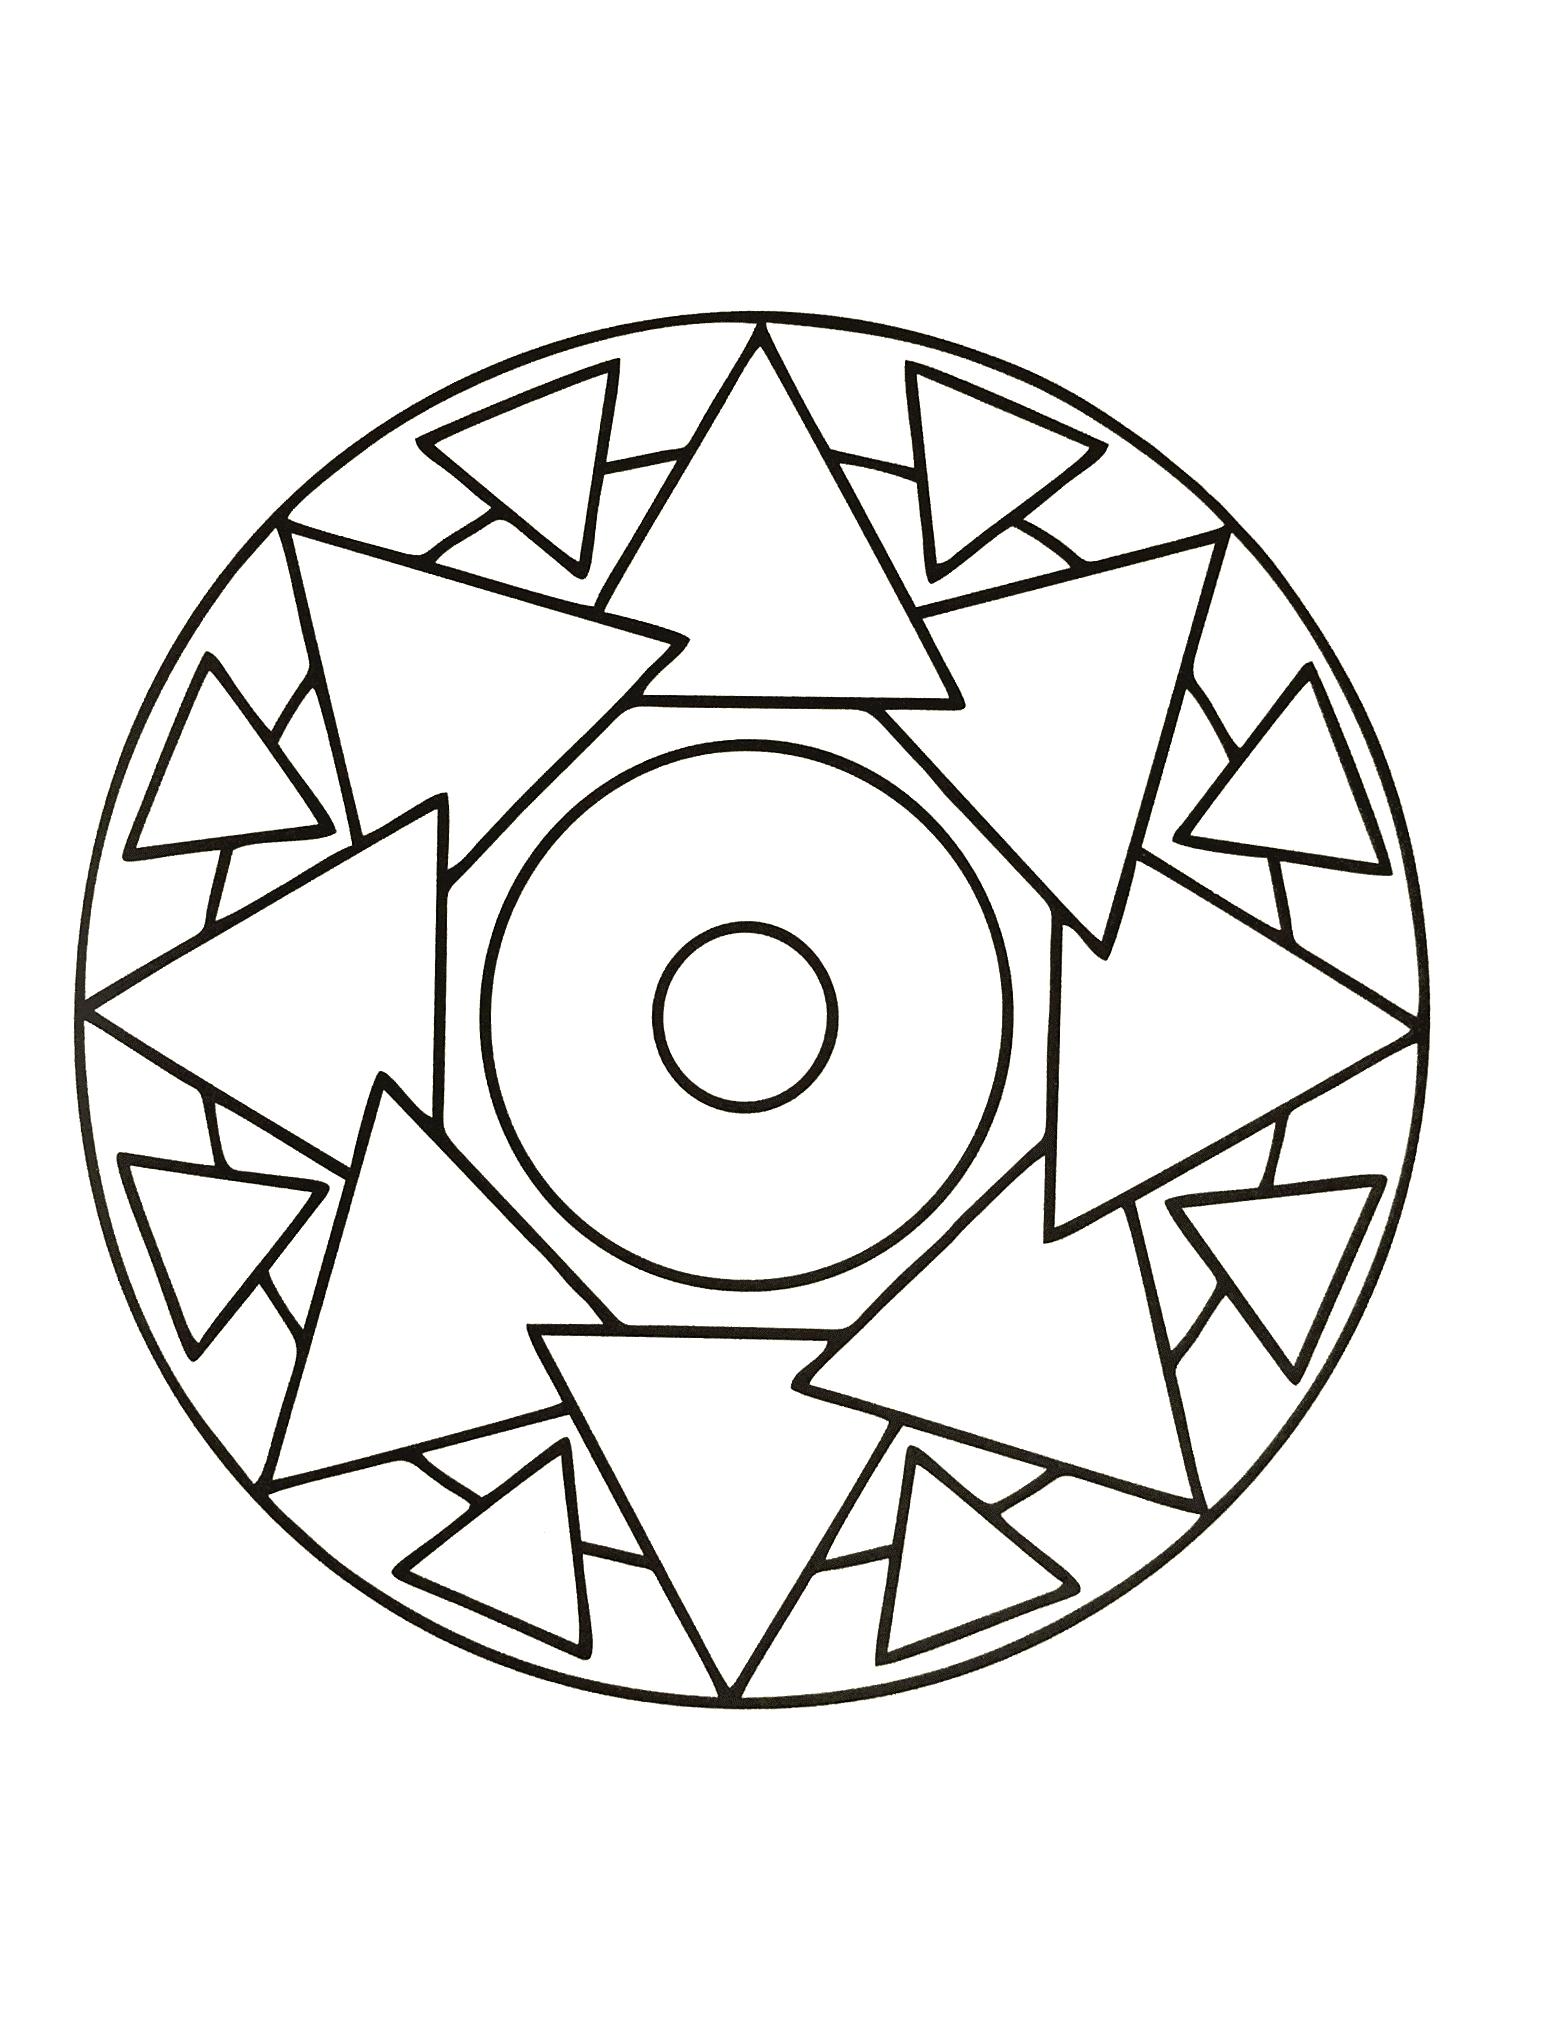 Mandalas a imprimer gratuit 22 mandalas avec motifs g om triques 100 mandalas zen anti stress - Coloriage fleur geometrique ...